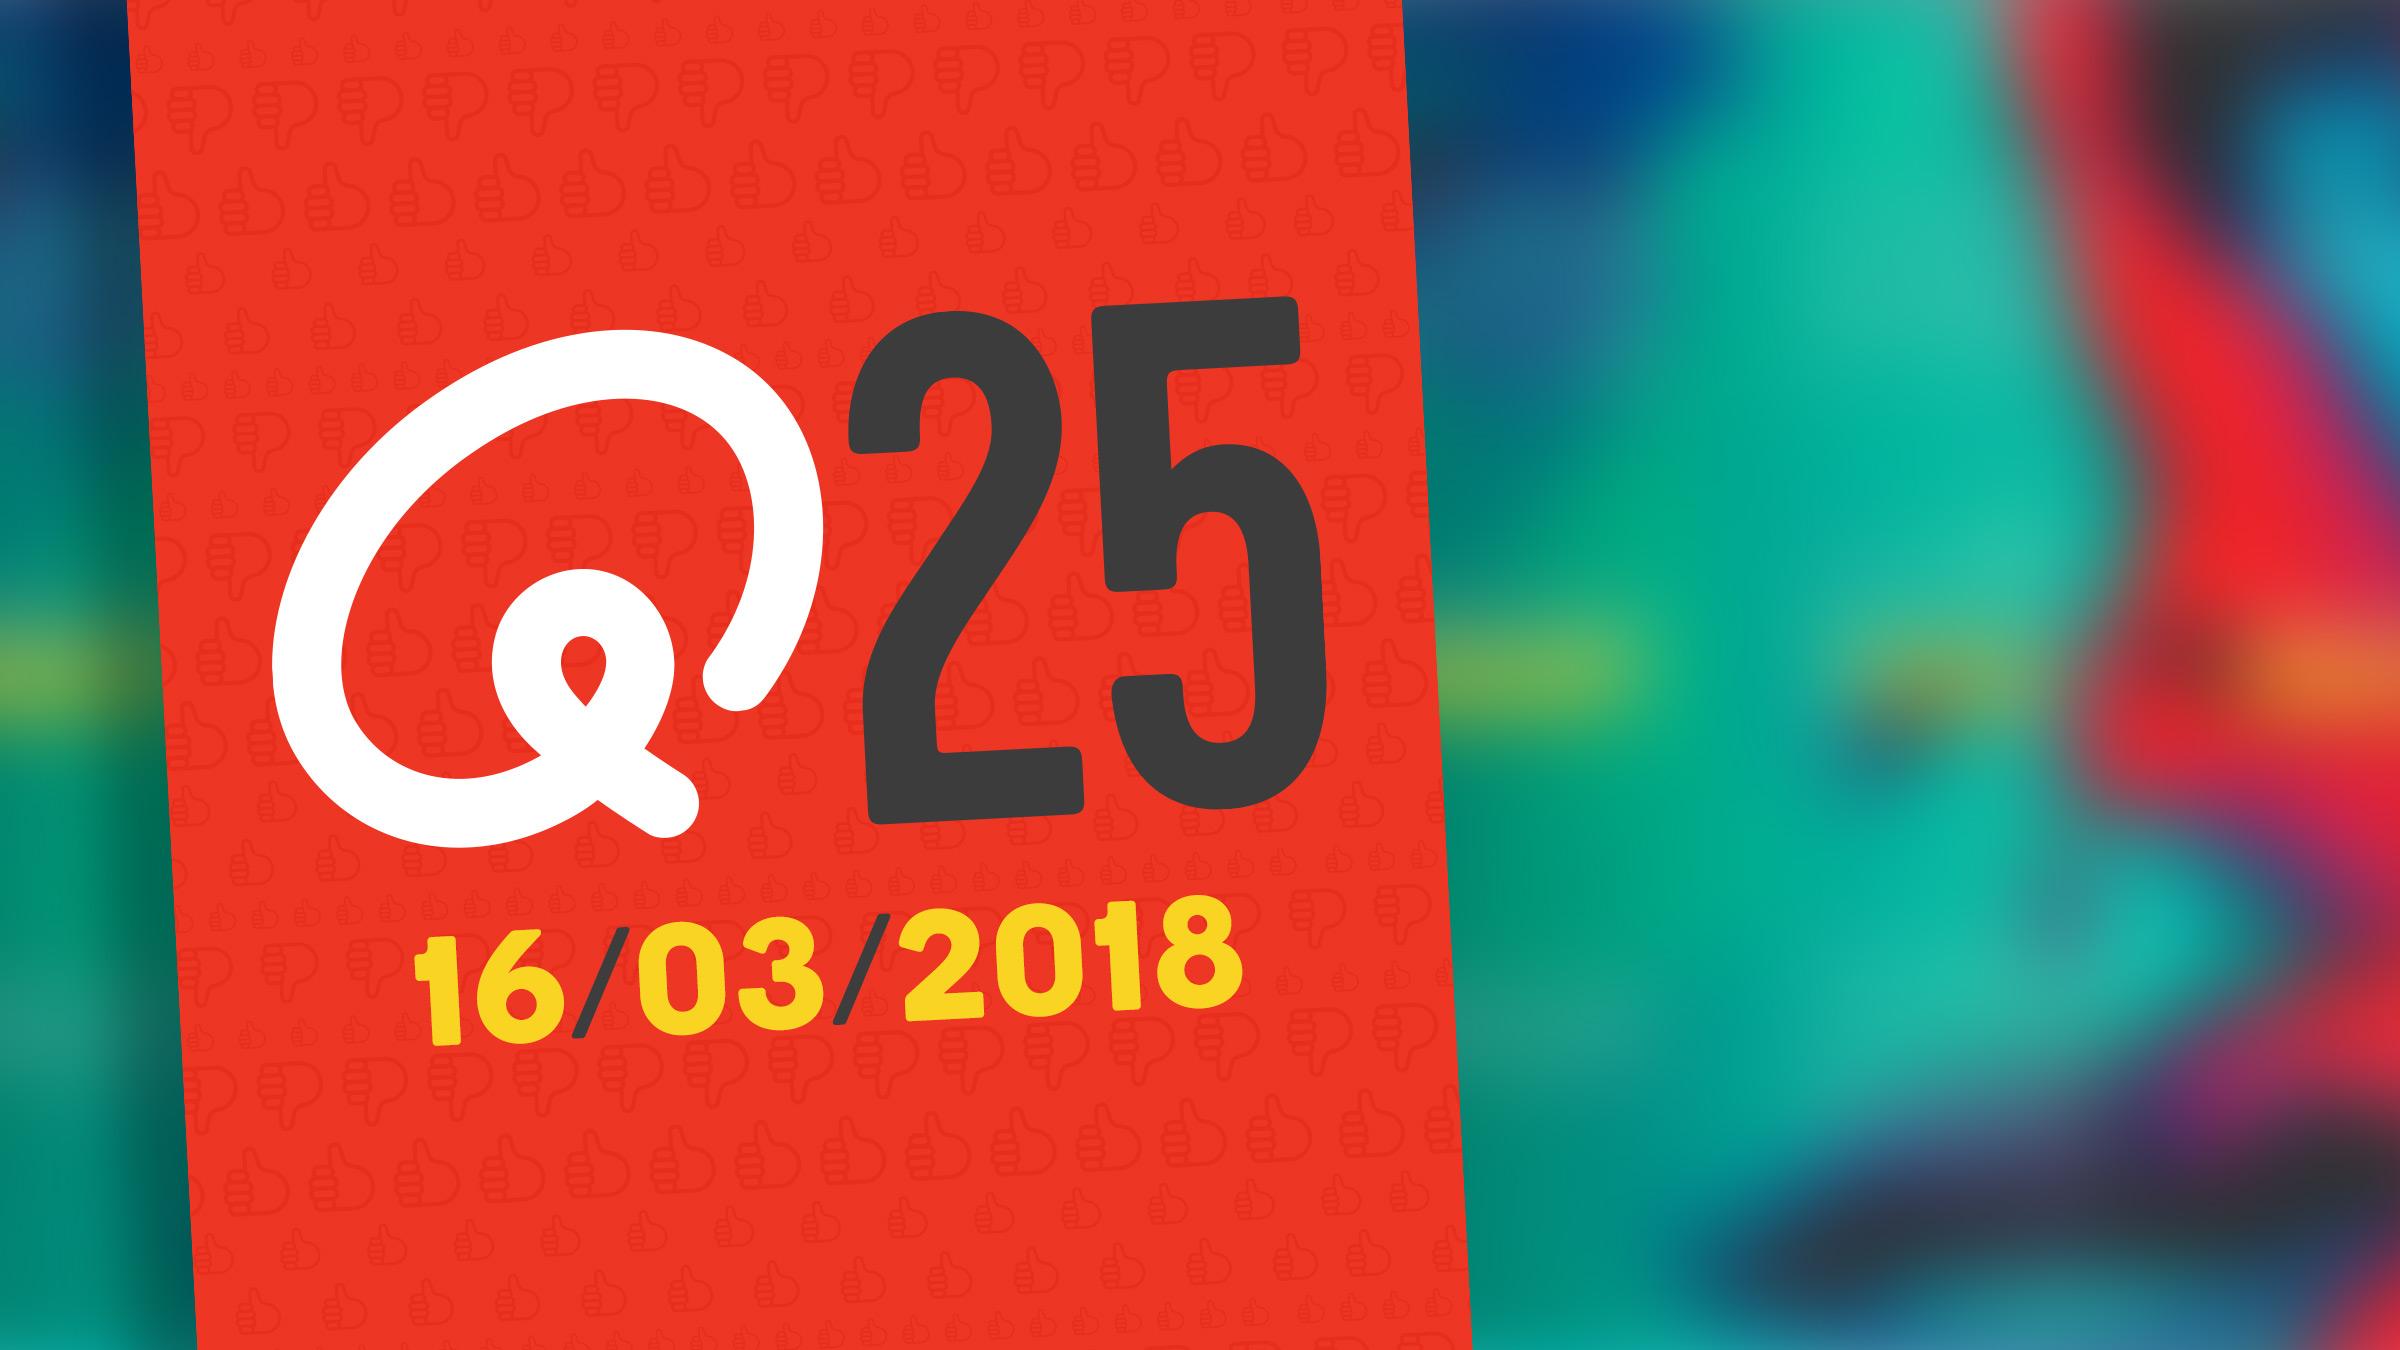 Qmusic teaser q25 160318